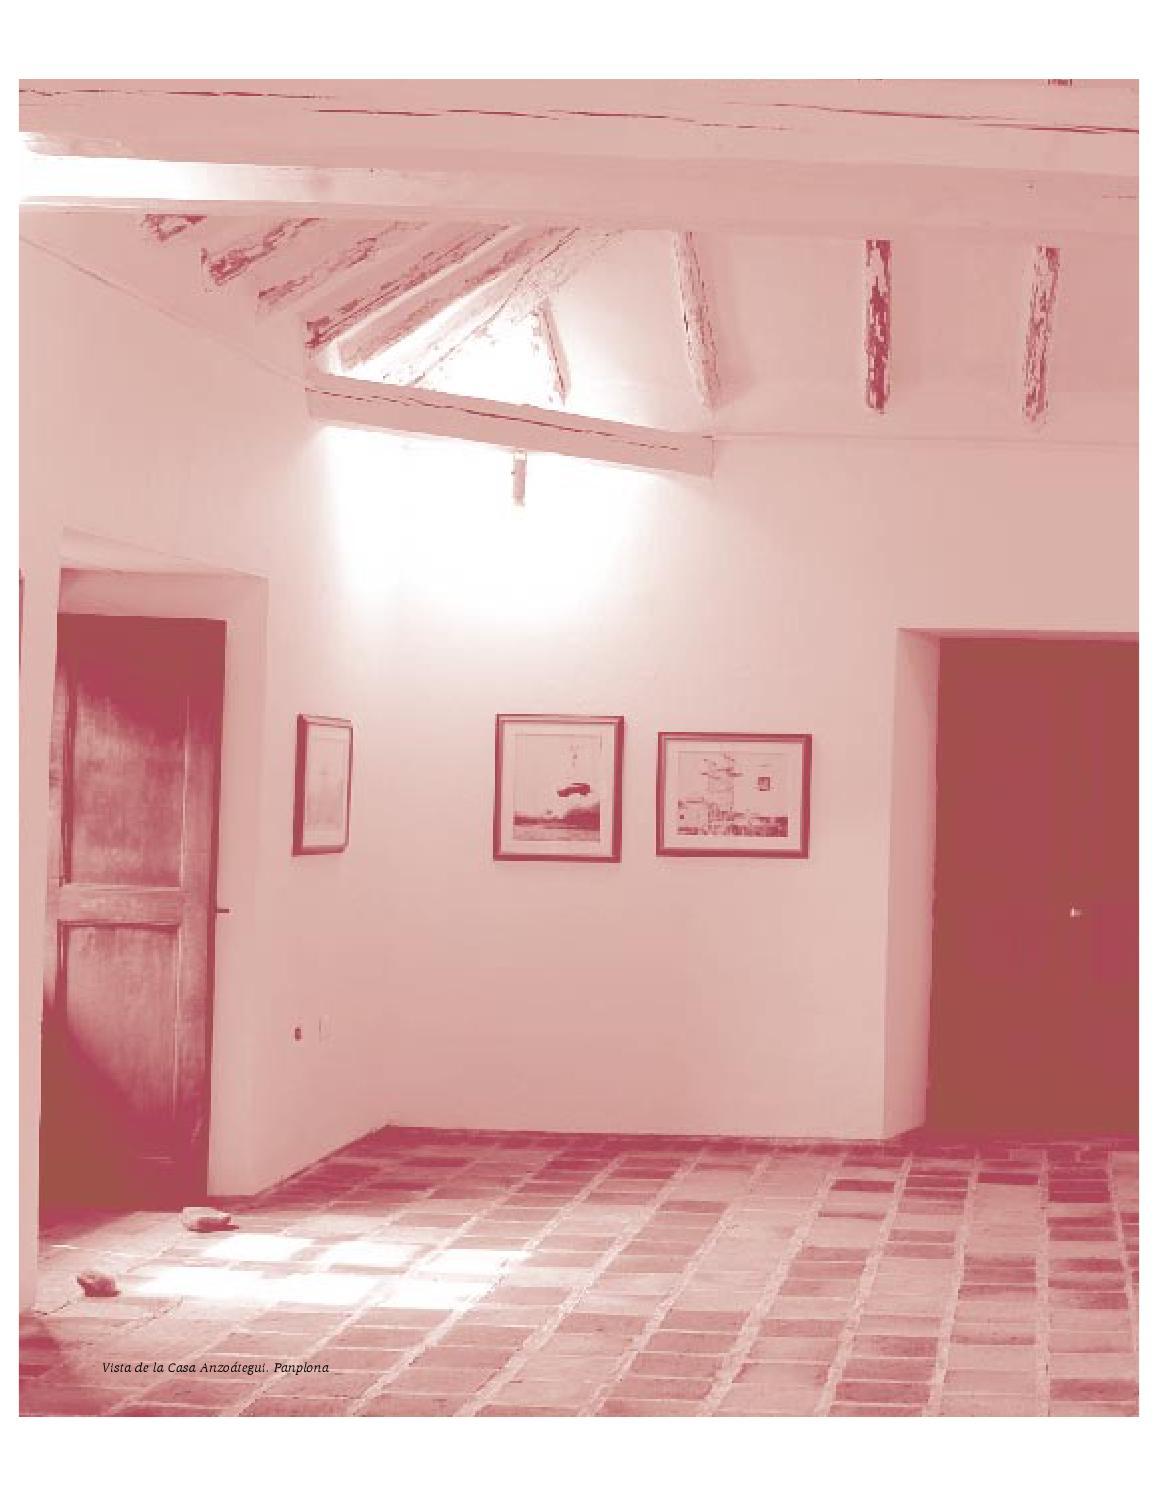 Catalogo del 40 Salón Nacional de Artistas, parte 2 by Artes Visuales  Mincultura - issuu